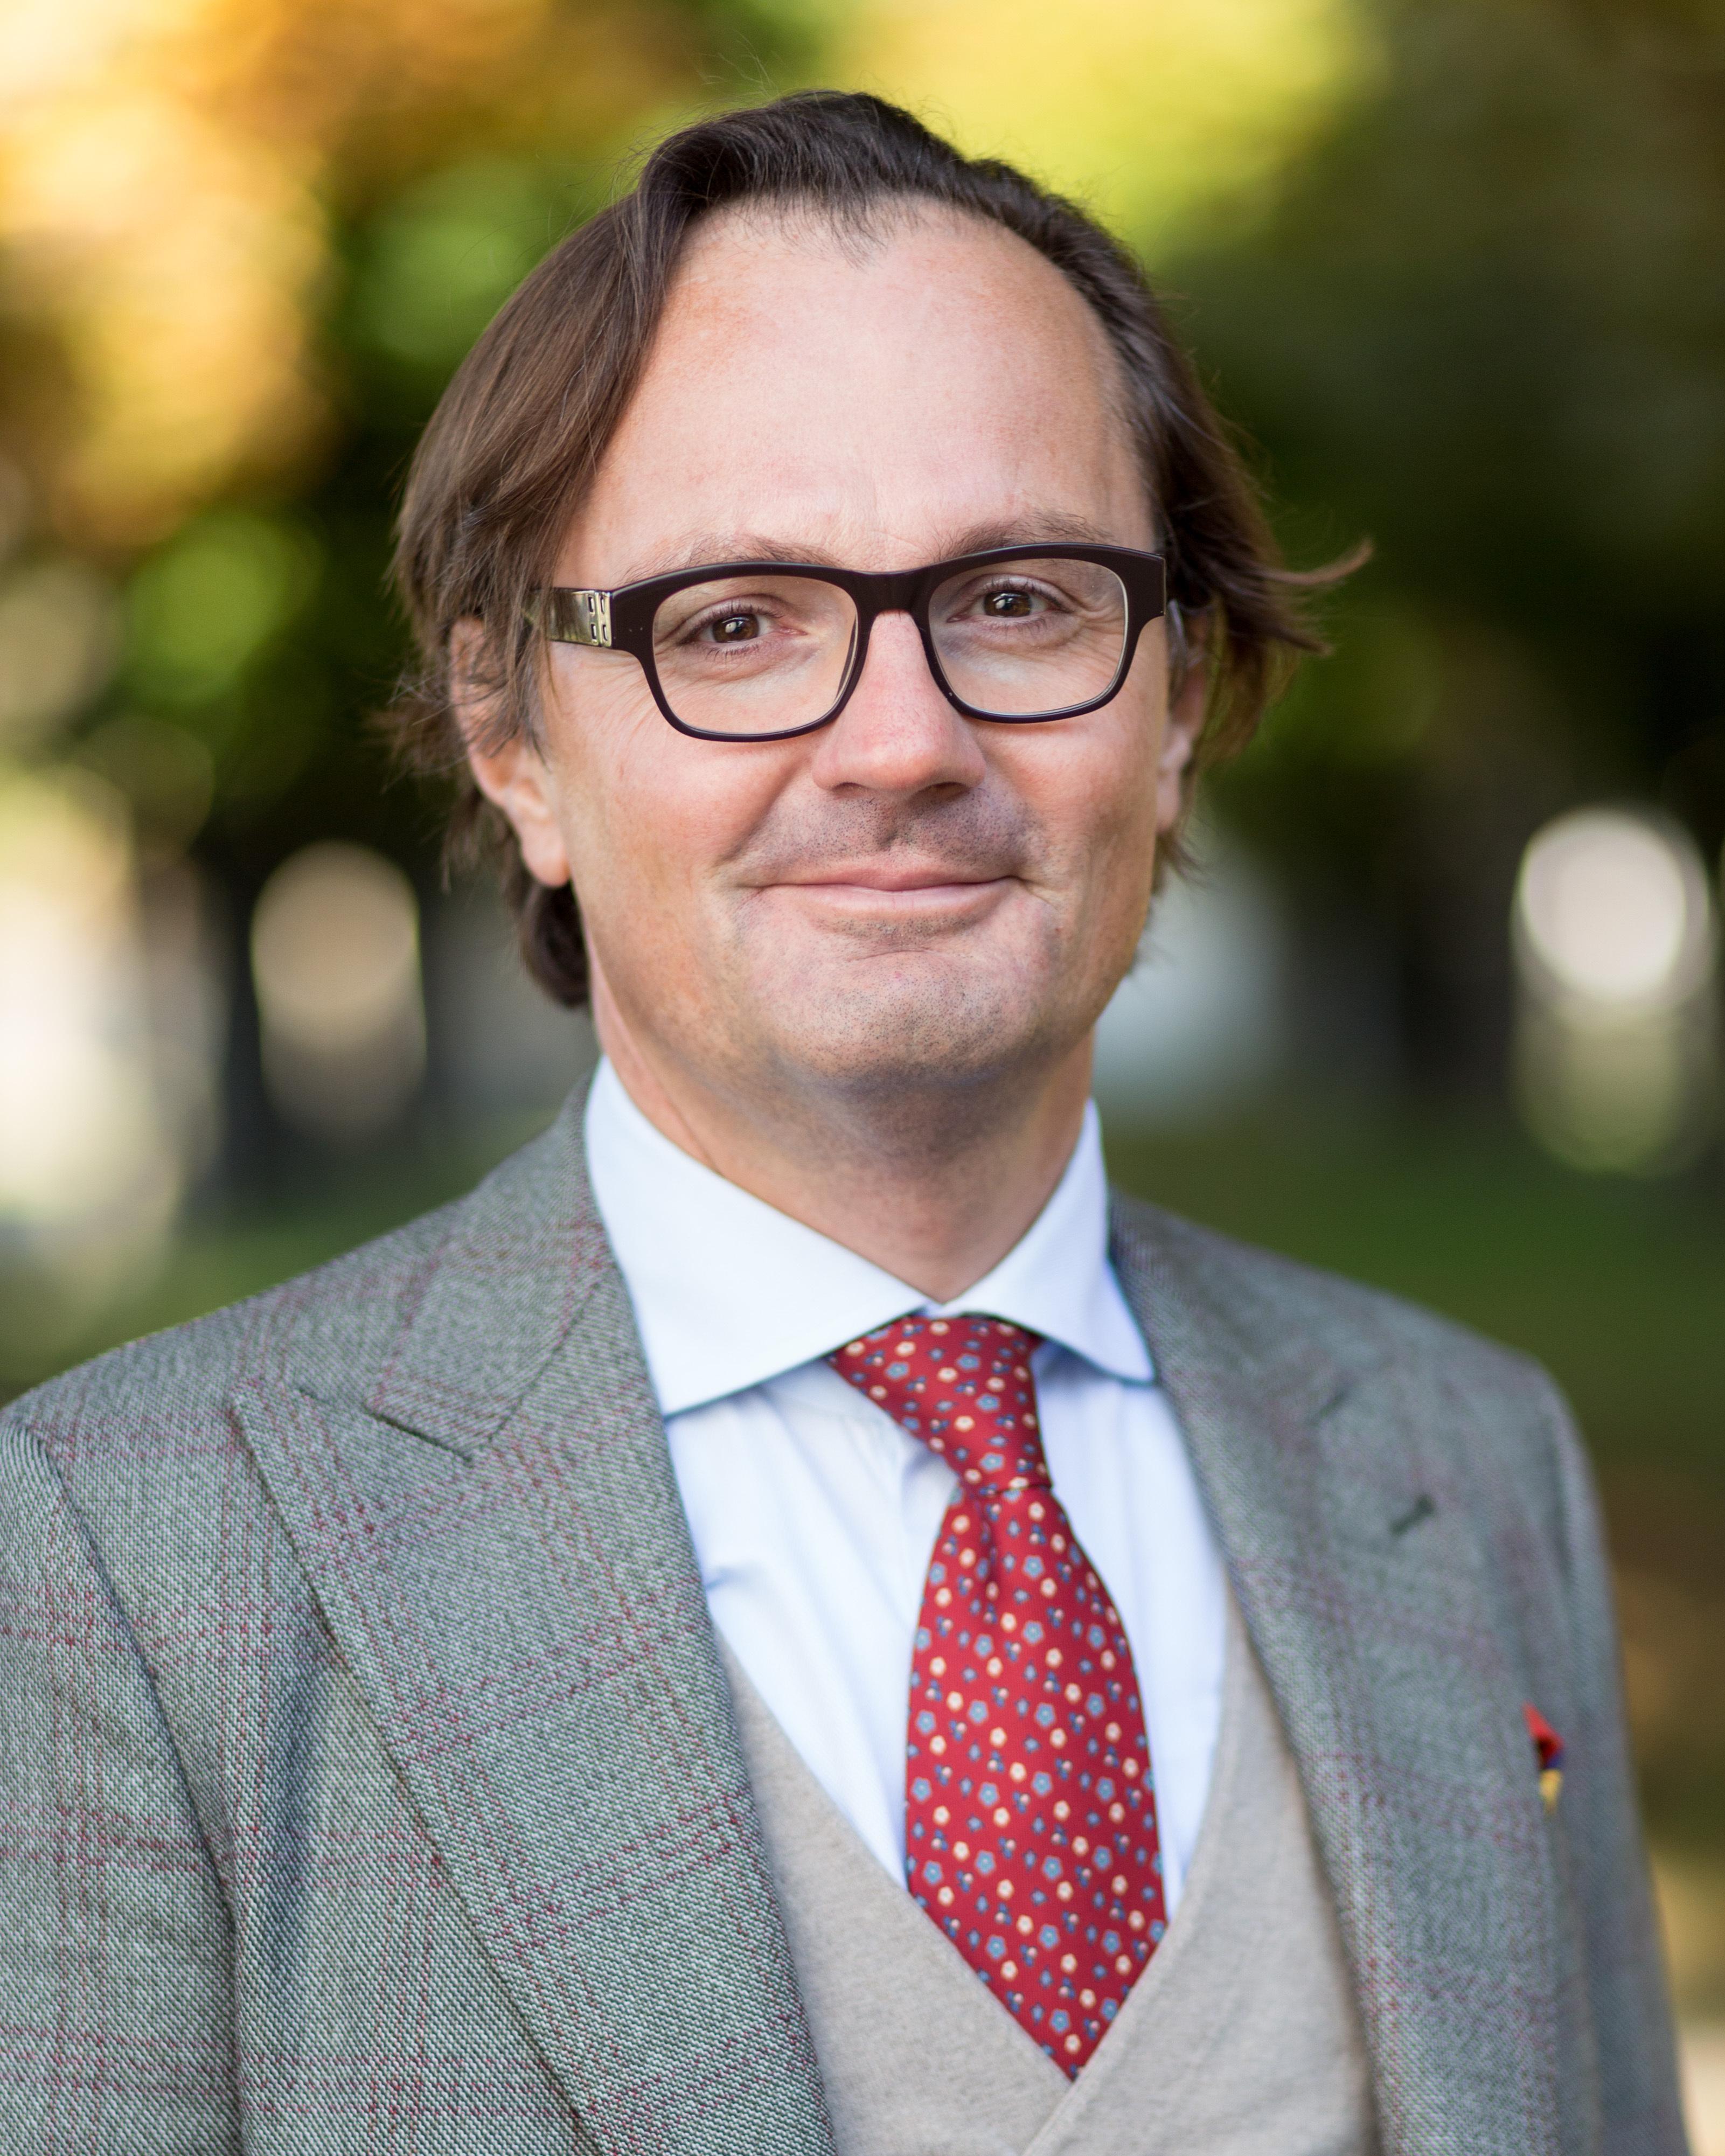 Felix Lienert